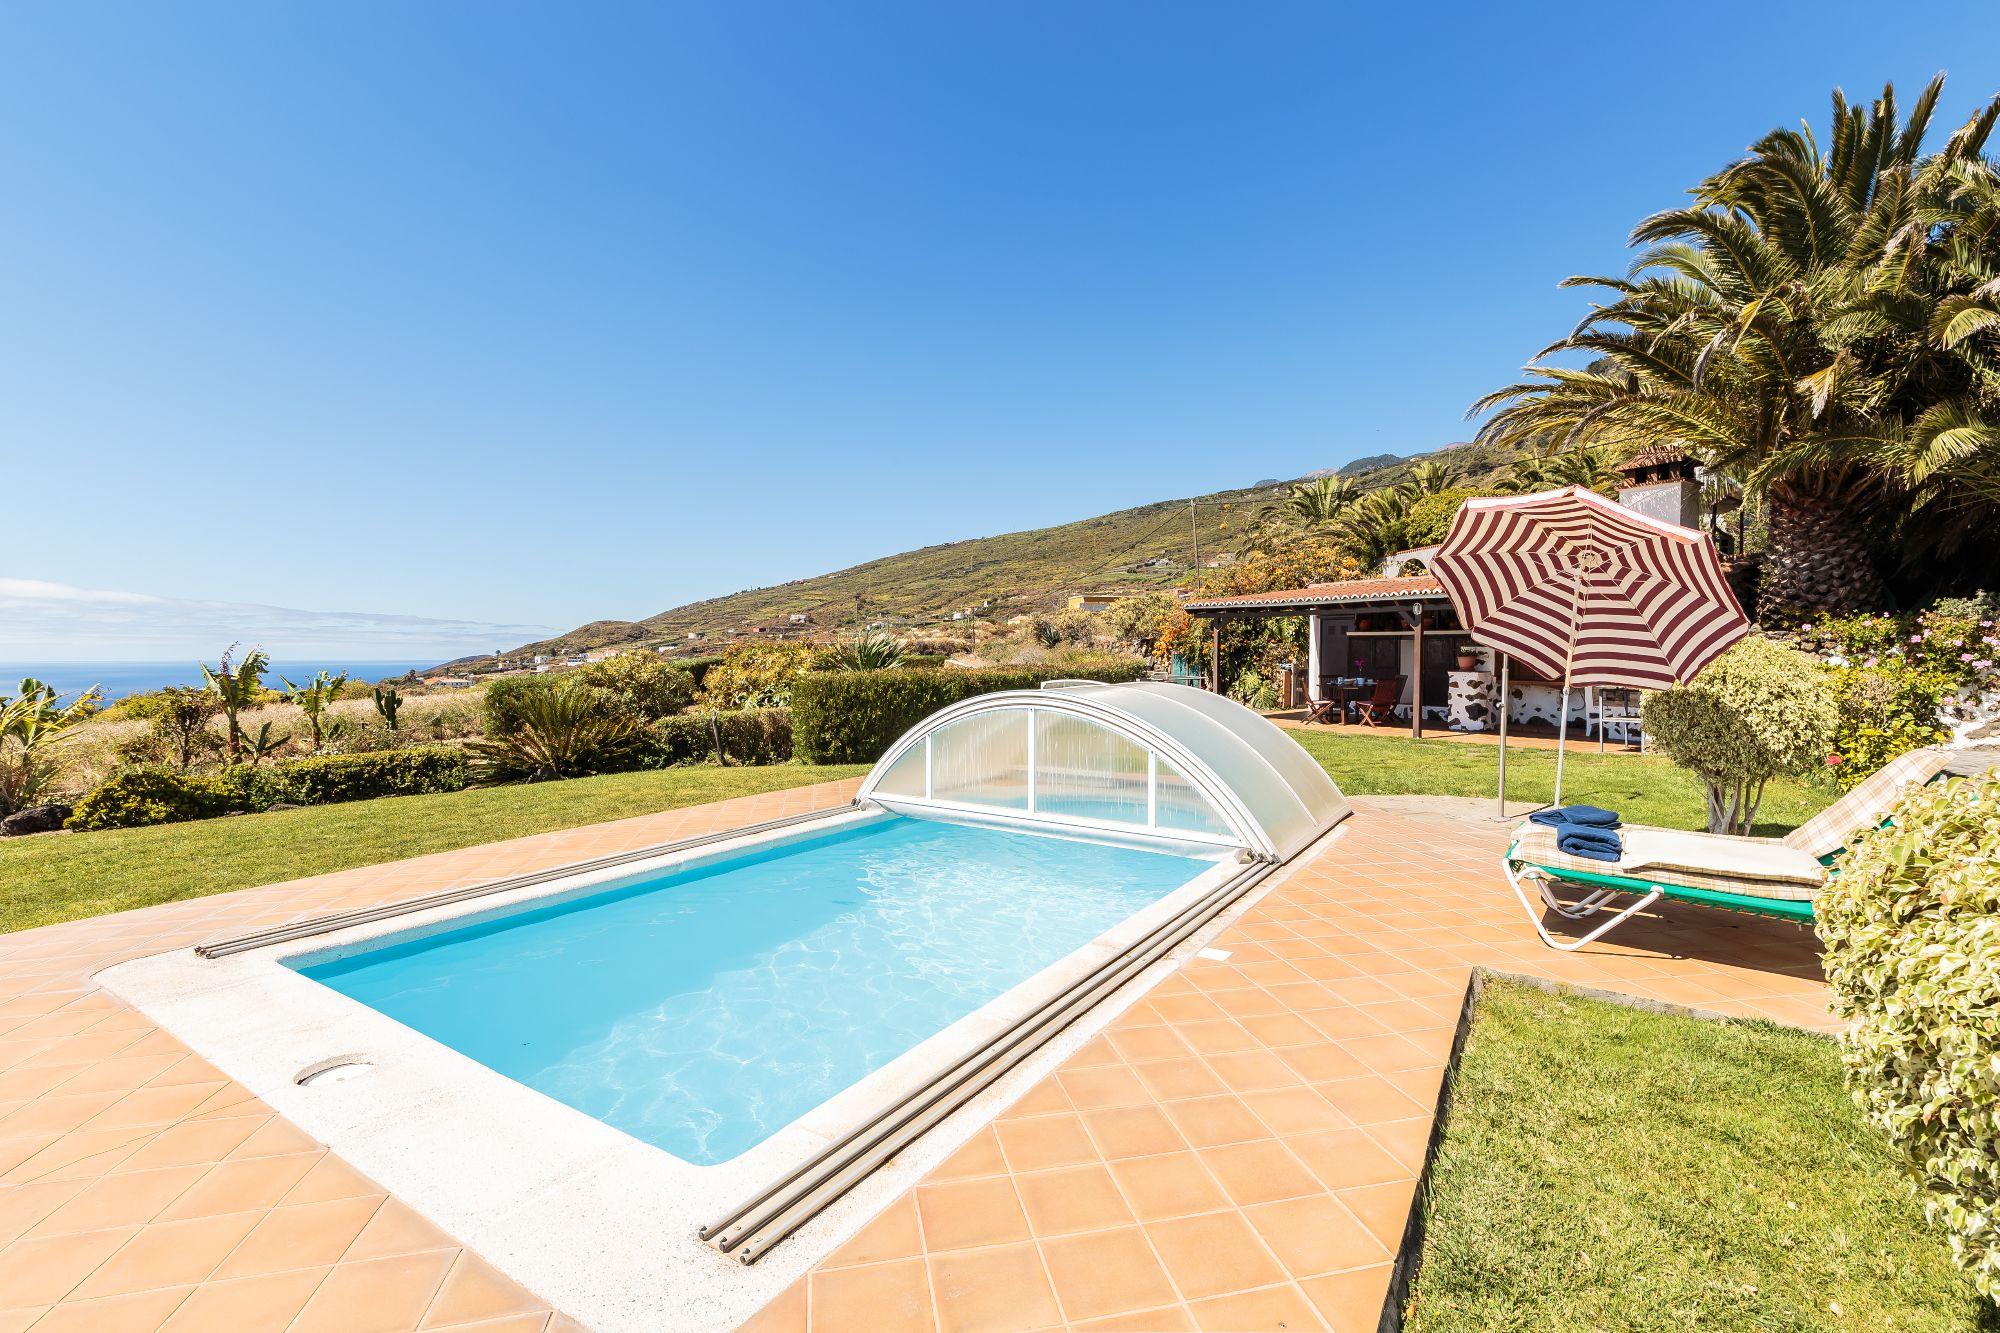 Casa Posito pool